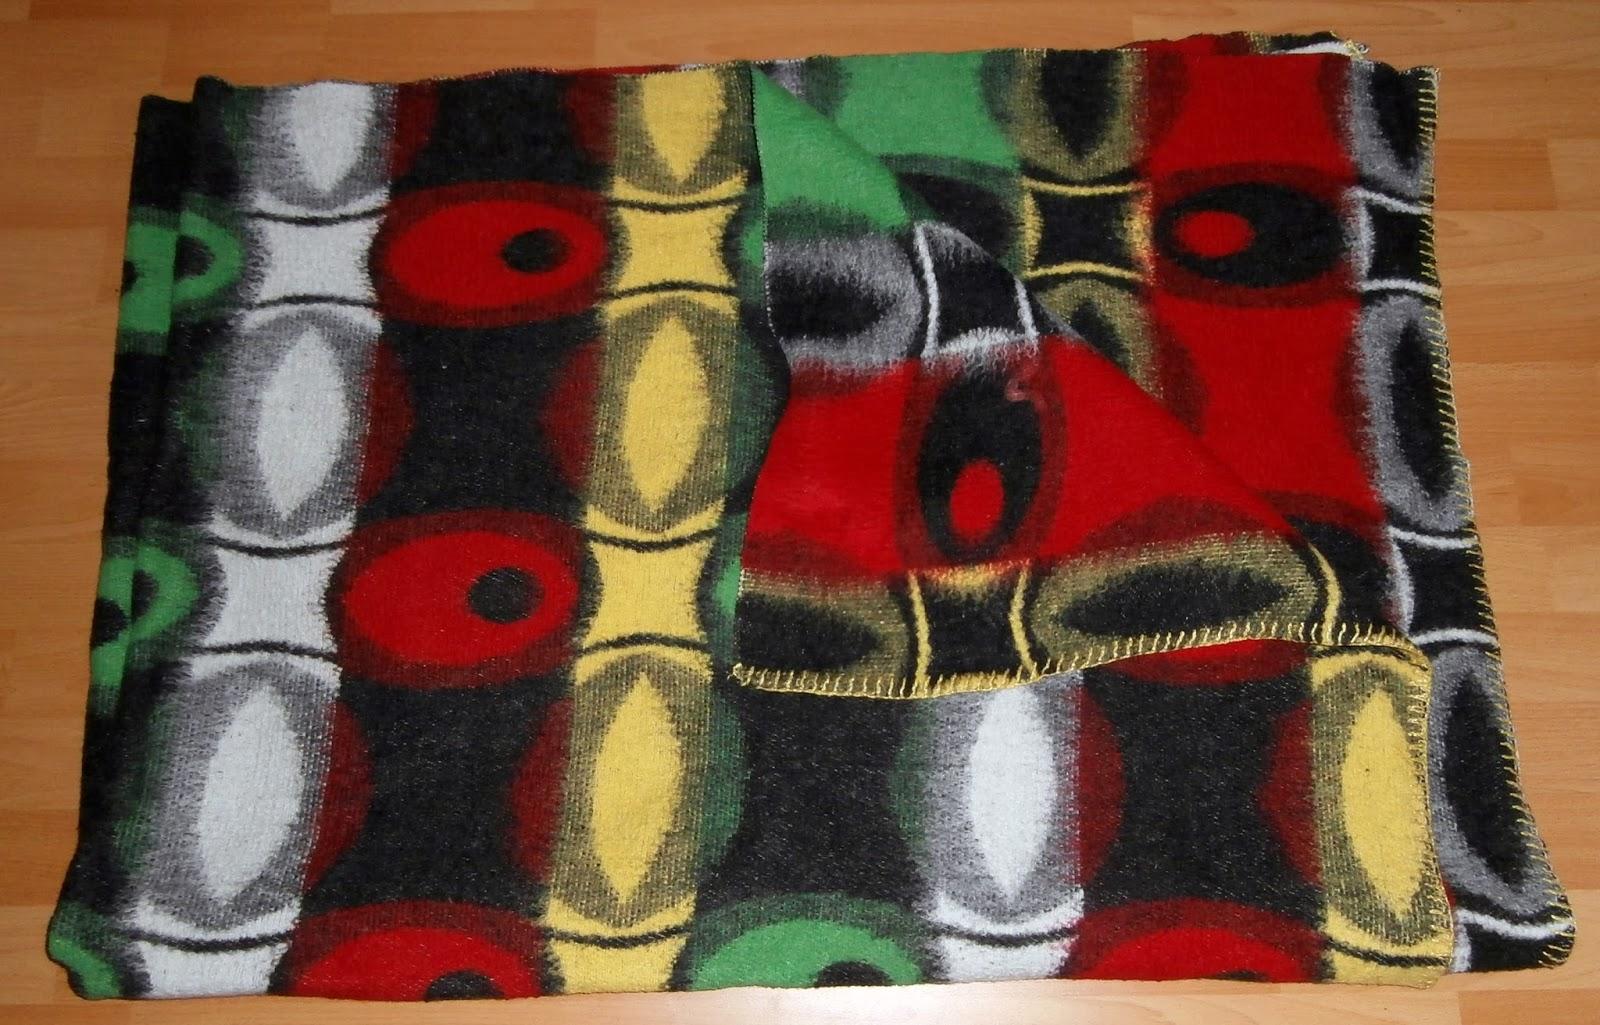 das wolldecken museum the vintage blankets museum 2 sch ne decken aus den niederlanden. Black Bedroom Furniture Sets. Home Design Ideas